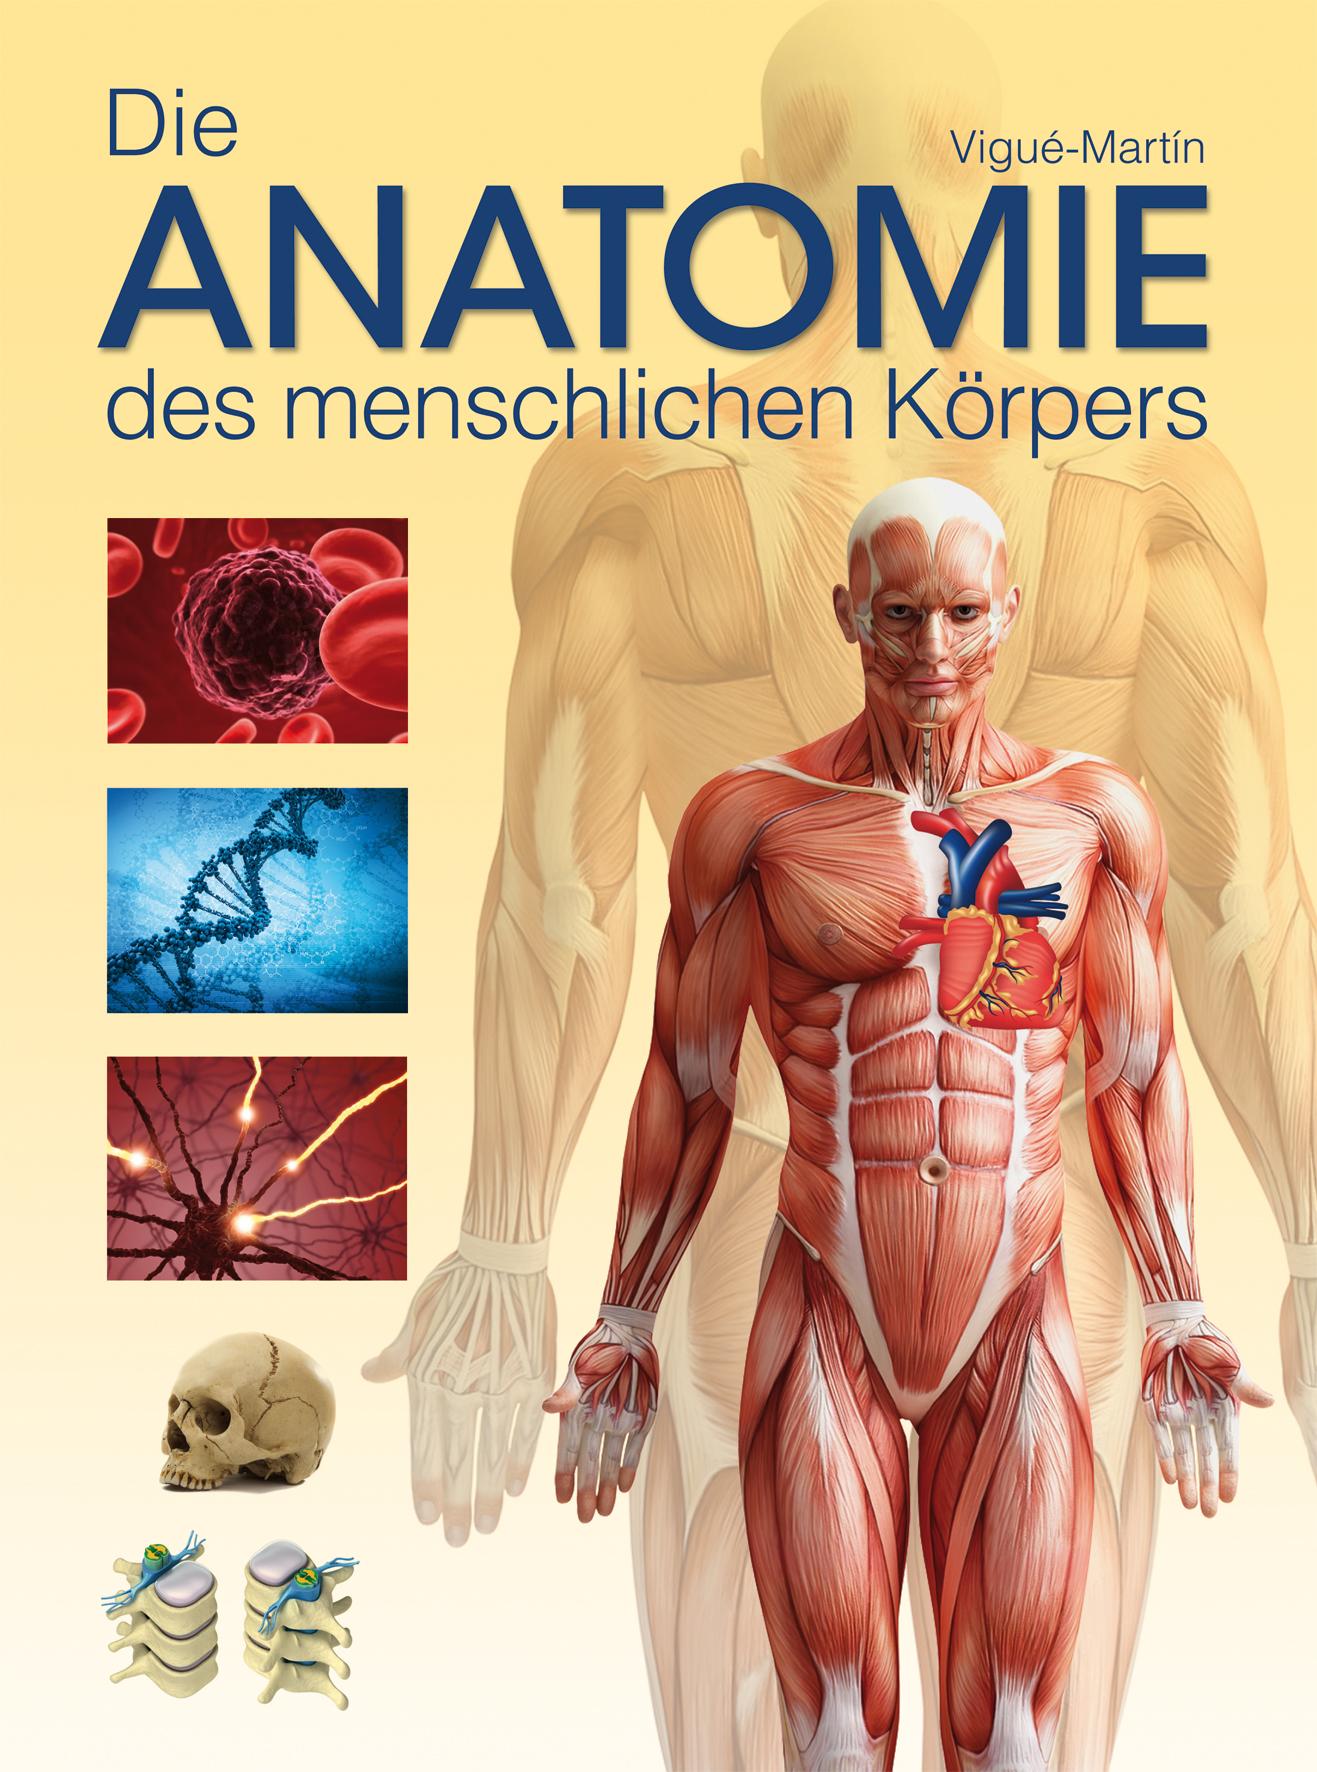 Die Anatomie des menschlichen Körpers - Jordi Vigué-Martin